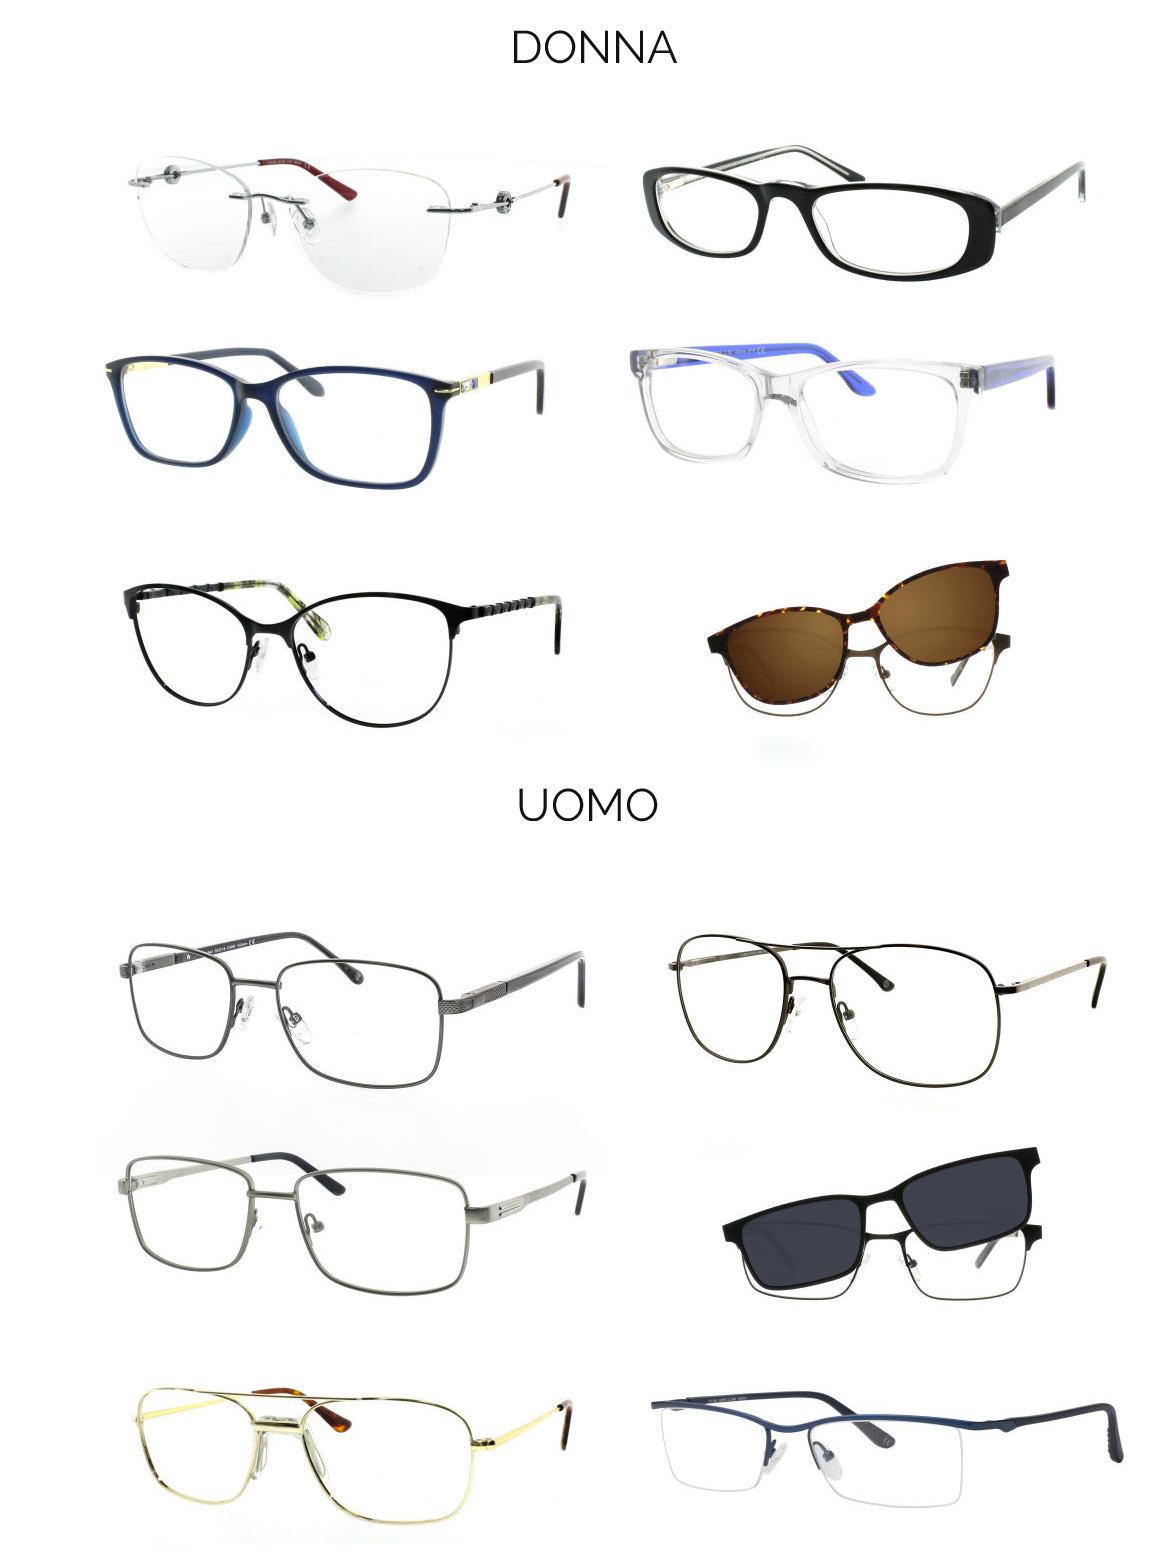 thema-family-occhiali-da-vista-donna-uomo-a-prato